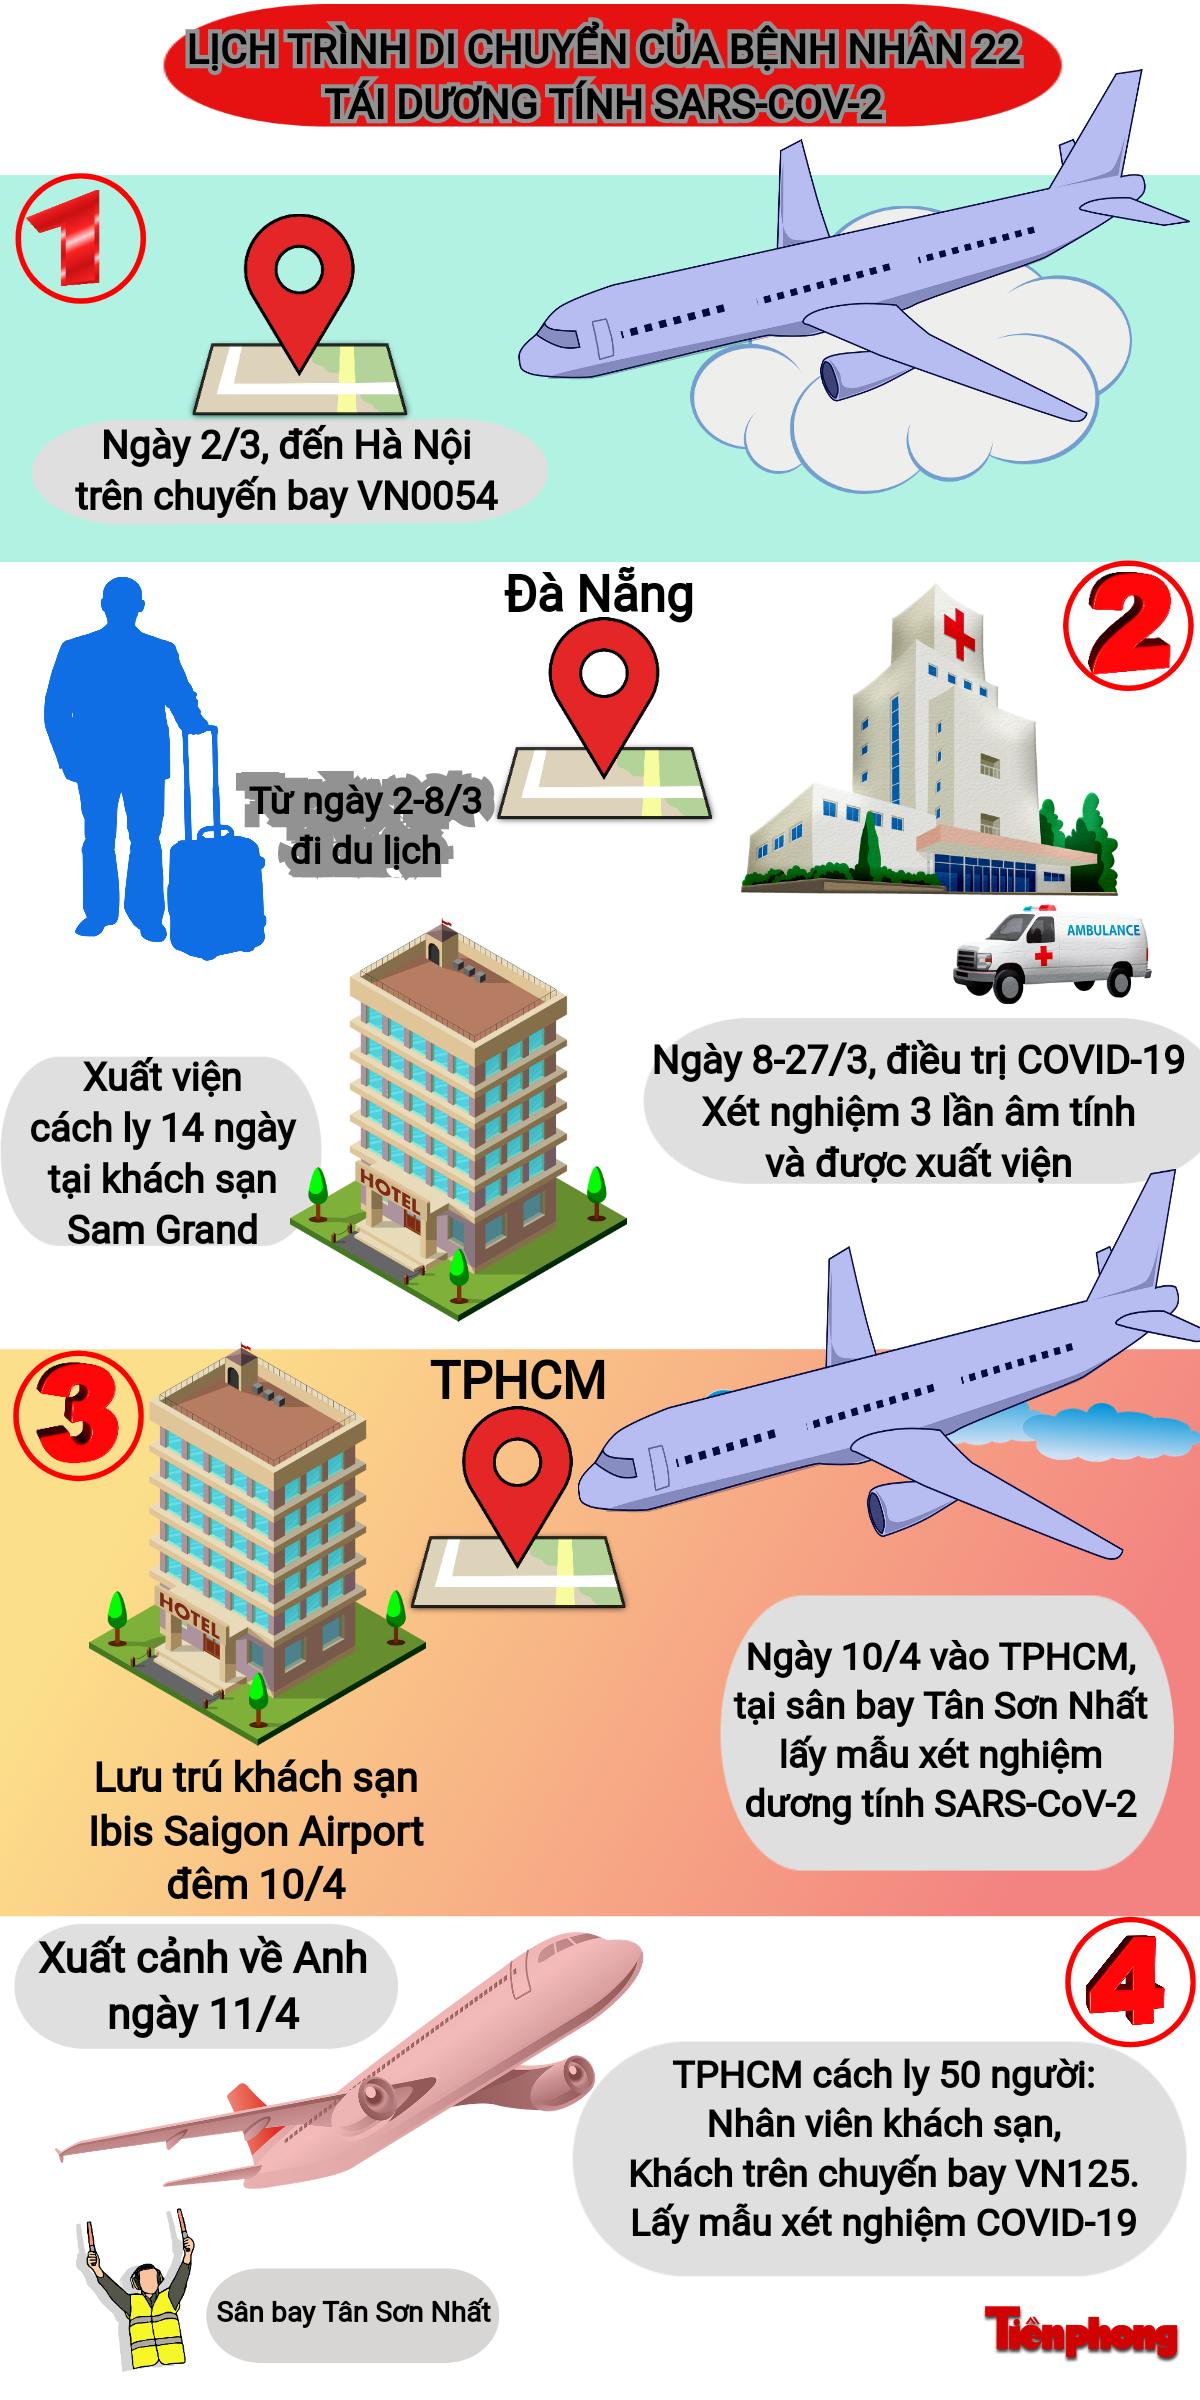 Lịch trình di chuyển của bệnh nhân 22. Đồ họa Văn Minh